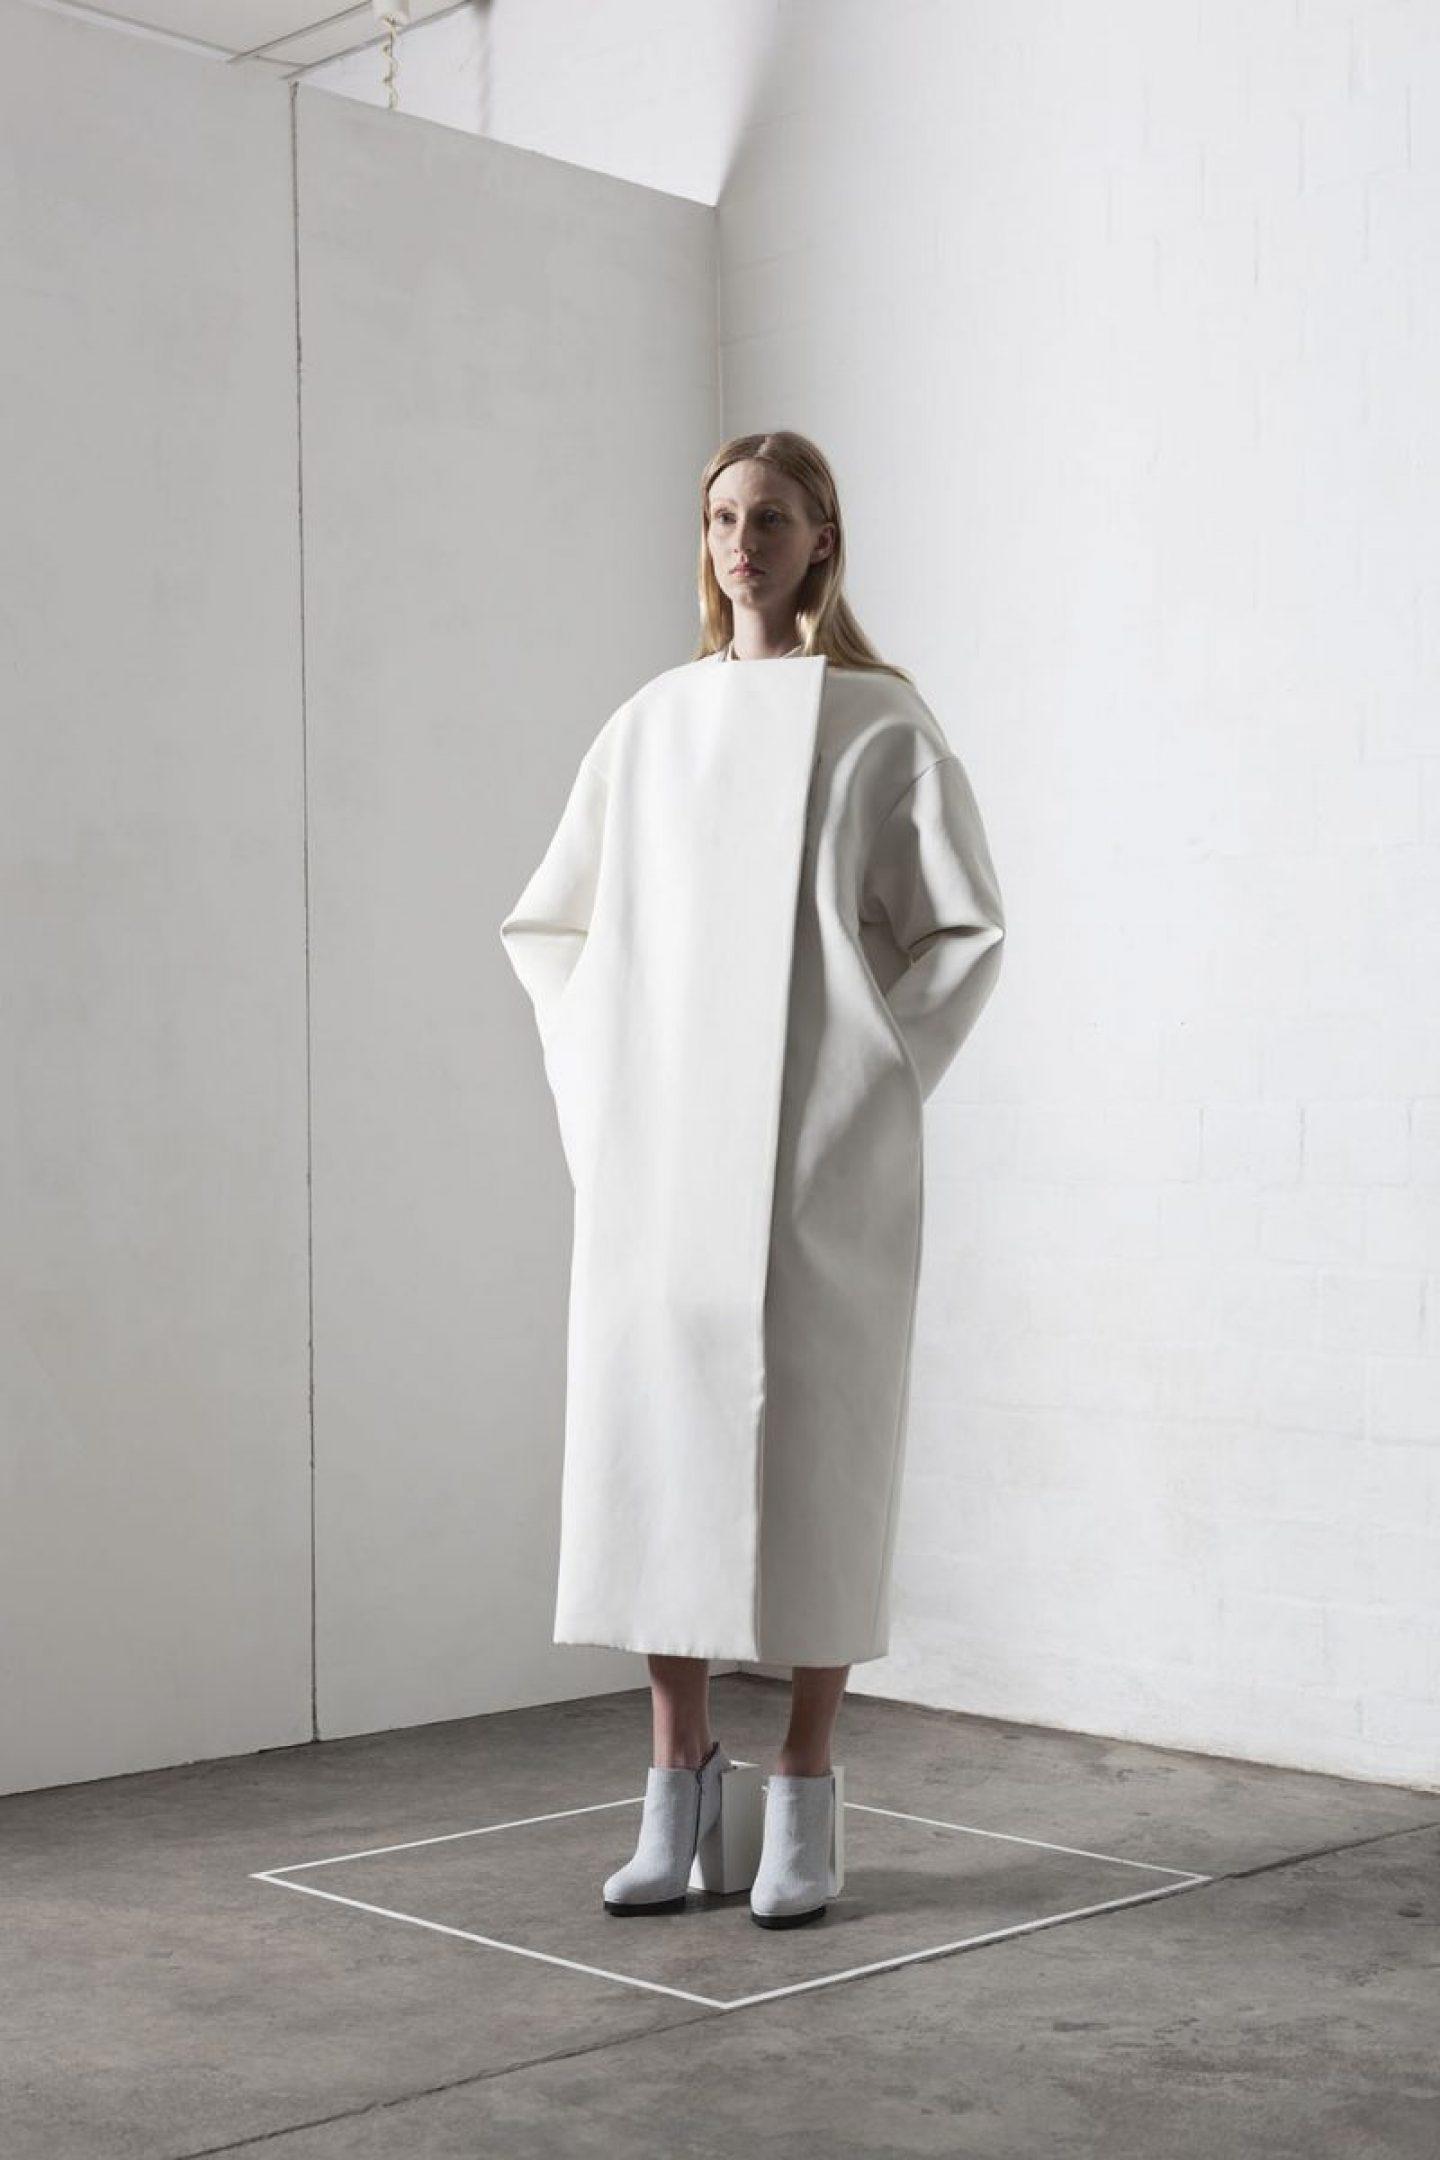 iGNANT_Fashion_Leonie_Barth_Ich_Ist_Ein_Anderer_9